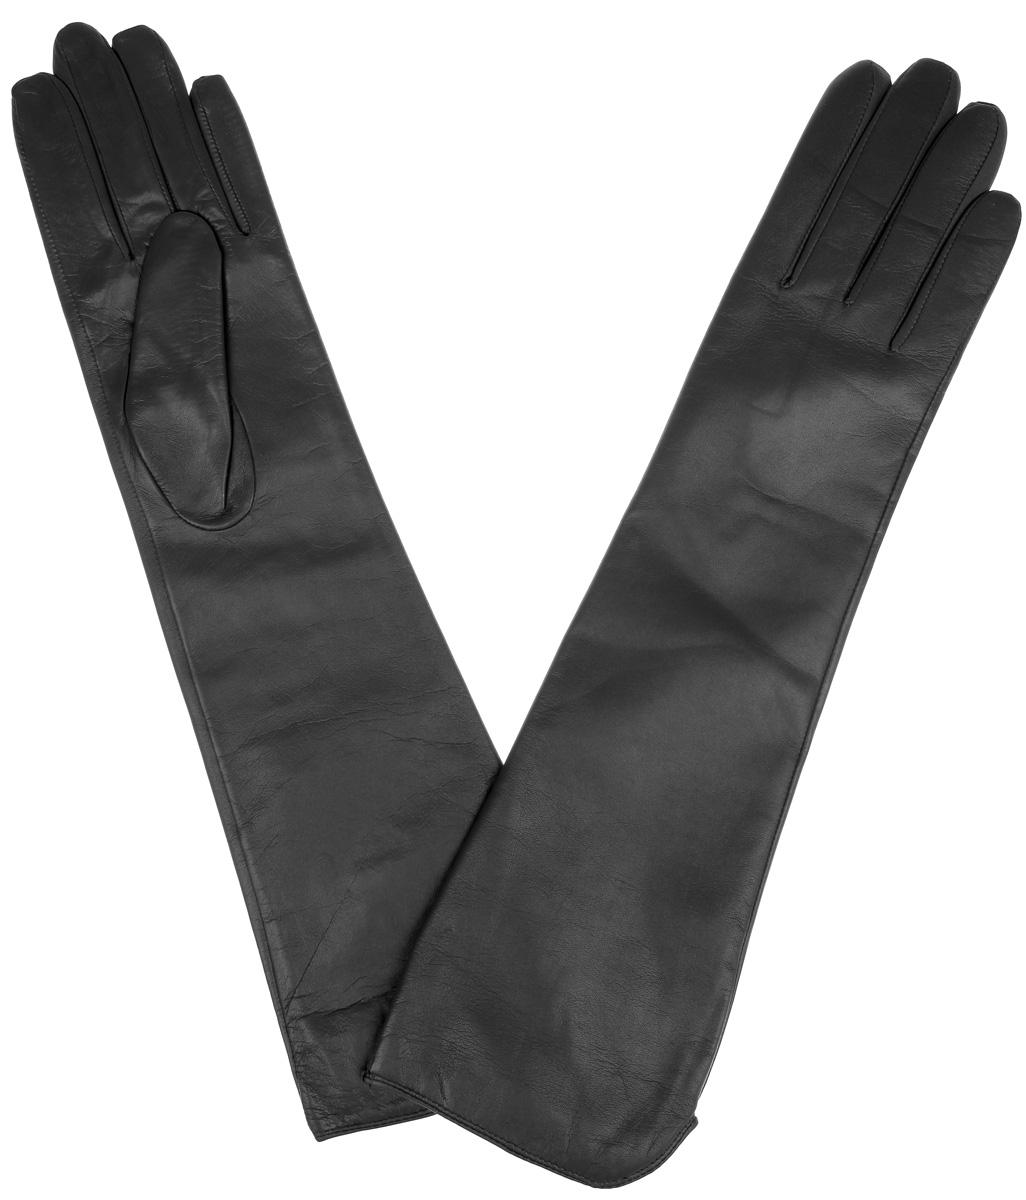 LB-2002Элегантные удлиненные женские перчатки Labbra станут великолепным дополнением вашего образа и защитят ваши руки от холода и ветра во время прогулок. Перчатки выполнены из натуральной кожи и имеют подкладку из шерсти с добавлением акрила, что позволяет им надежно сохранять тепло и обеспечивает высокую гигроскопичность. Удлиненные манжеты подчеркнут изящество ваших рук. Такие перчатки будут оригинальным завершающим штрихом в создании современного модного образа, они подчеркнут ваш изысканный вкус и станут незаменимым и практичным аксессуаром.